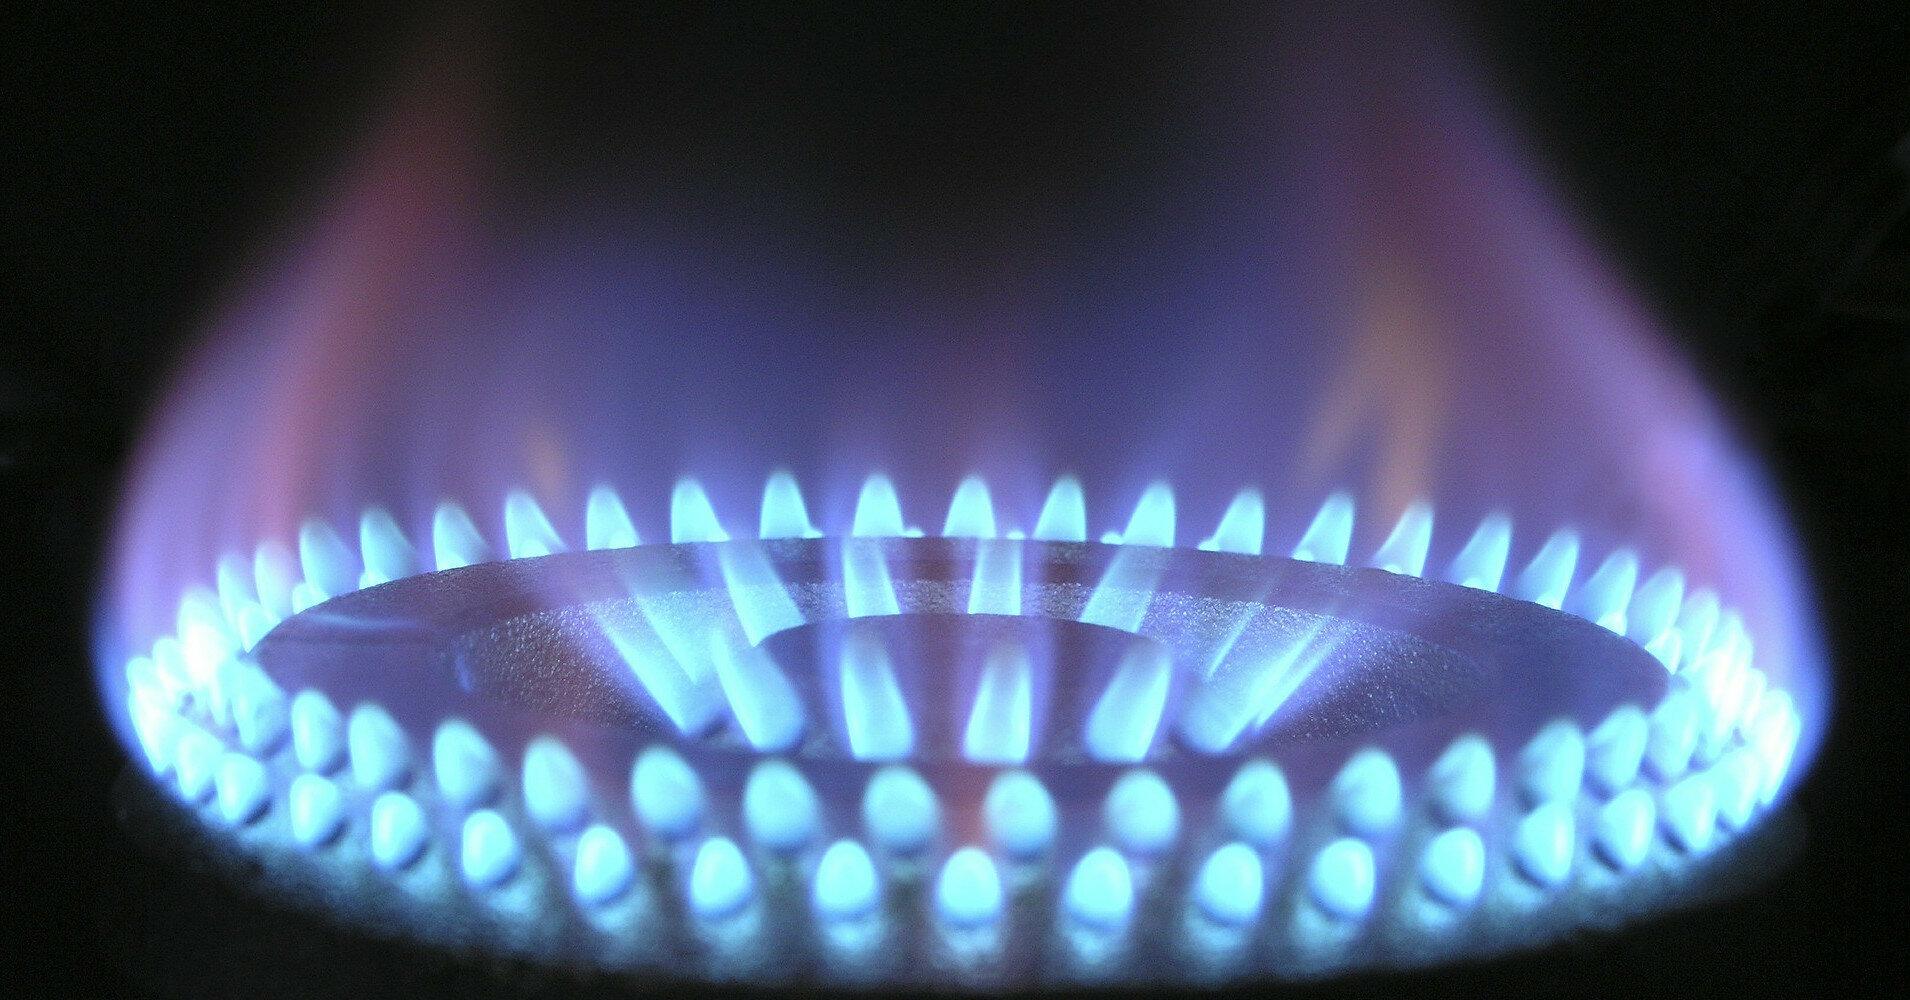 Нафтогаз и другие поставщики обновили тарифы на газ в июле